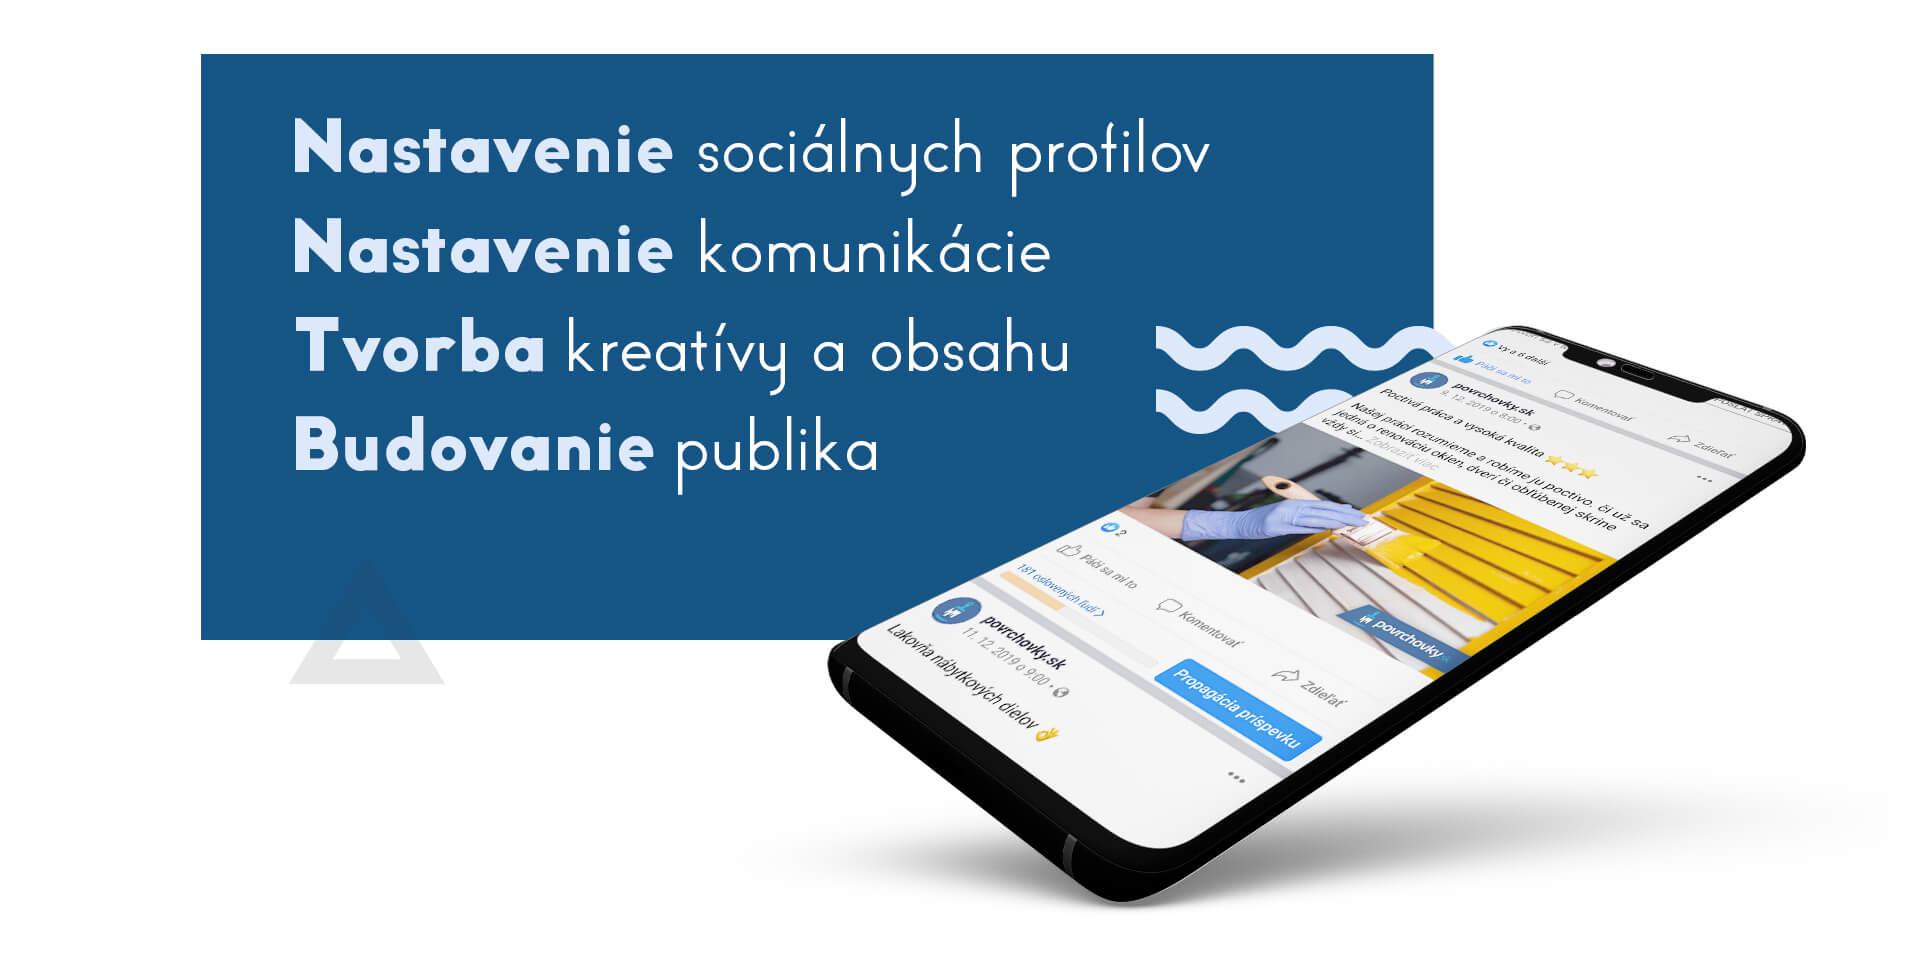 Správa sociálnych sietí pre remeselníkov marketingová agentúra